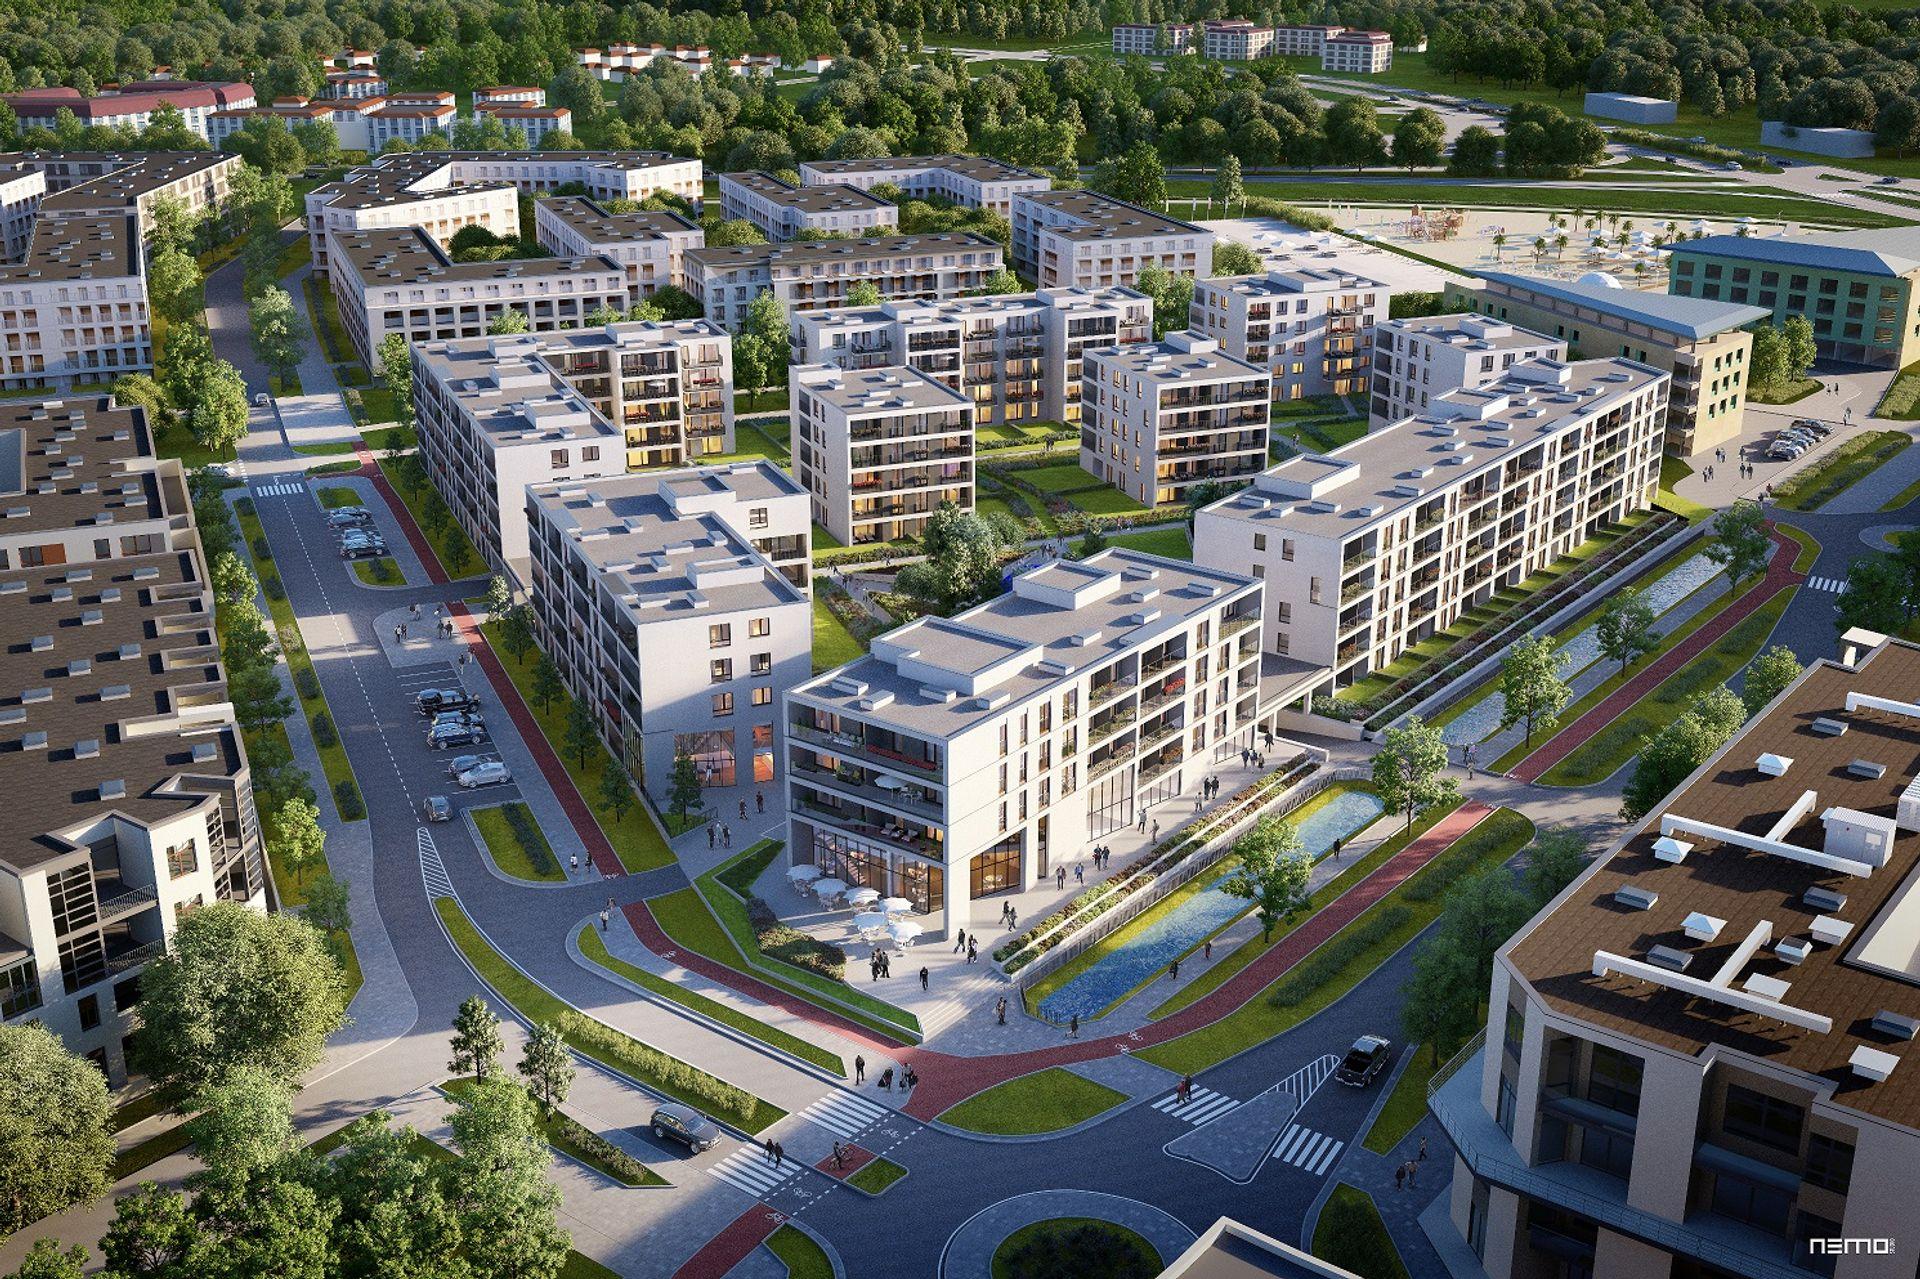 [Warszawa] 4 osiedla w Warszawie uzyskały ekologiczny certyfikat